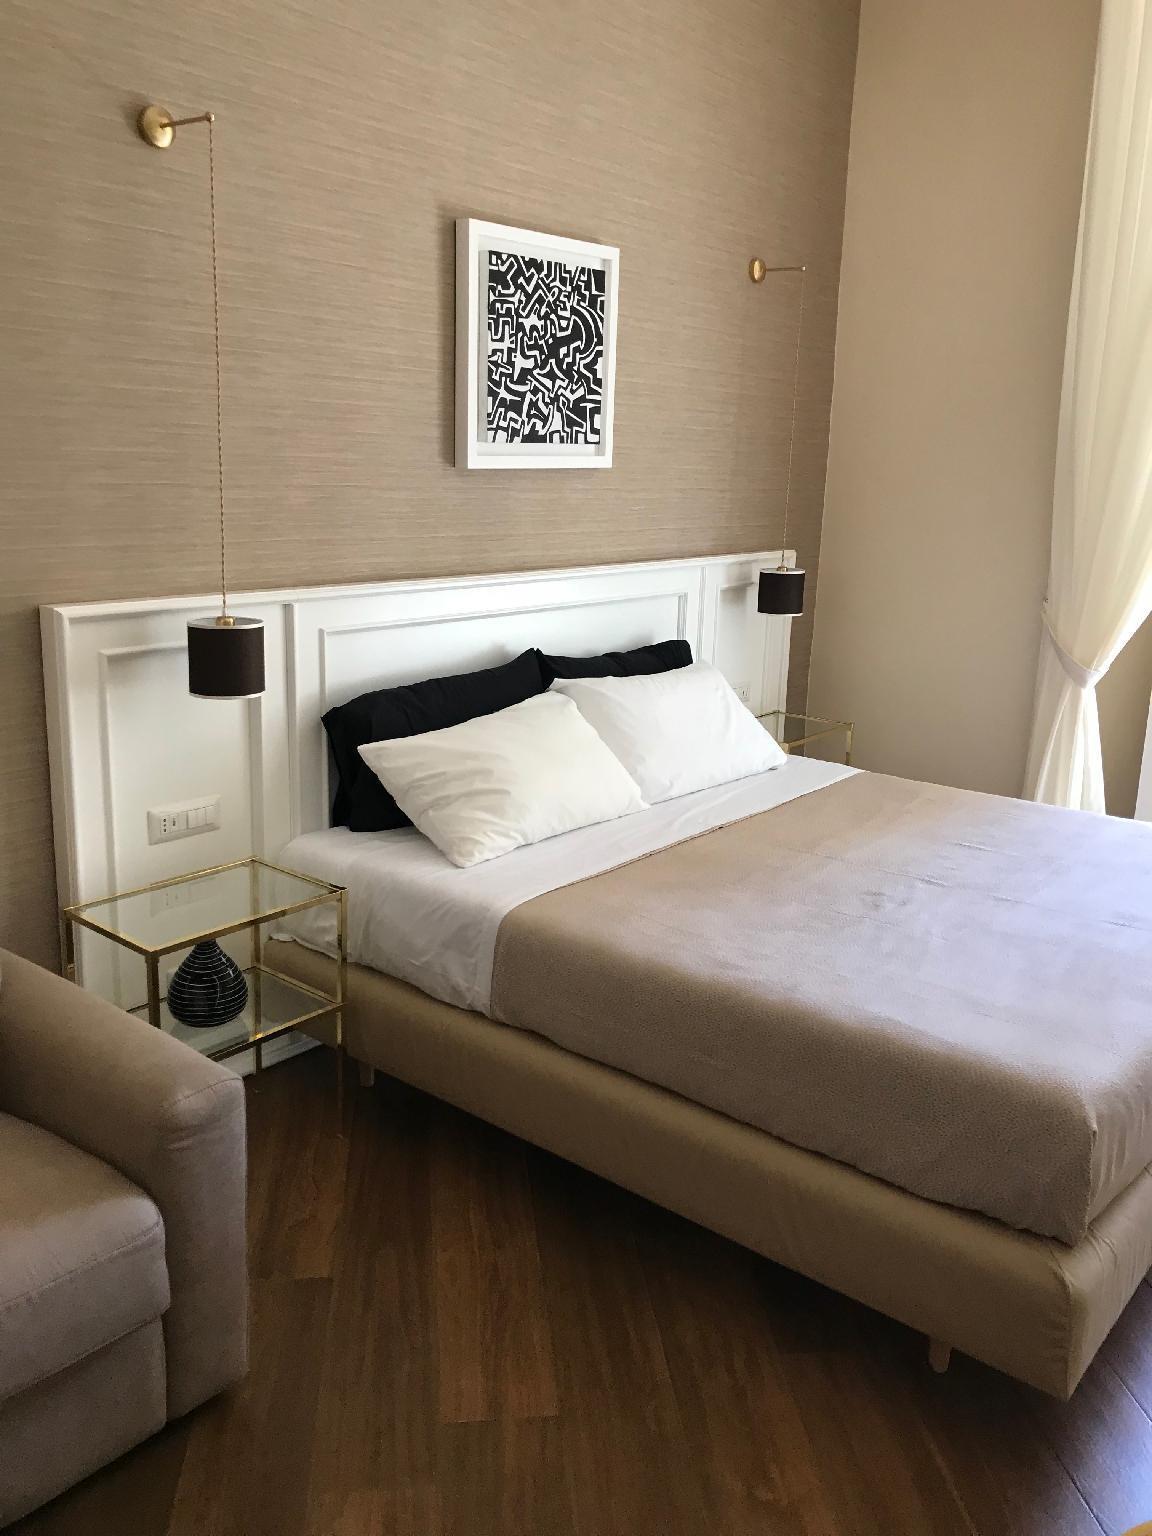 NovaNova Bed And Breakfast